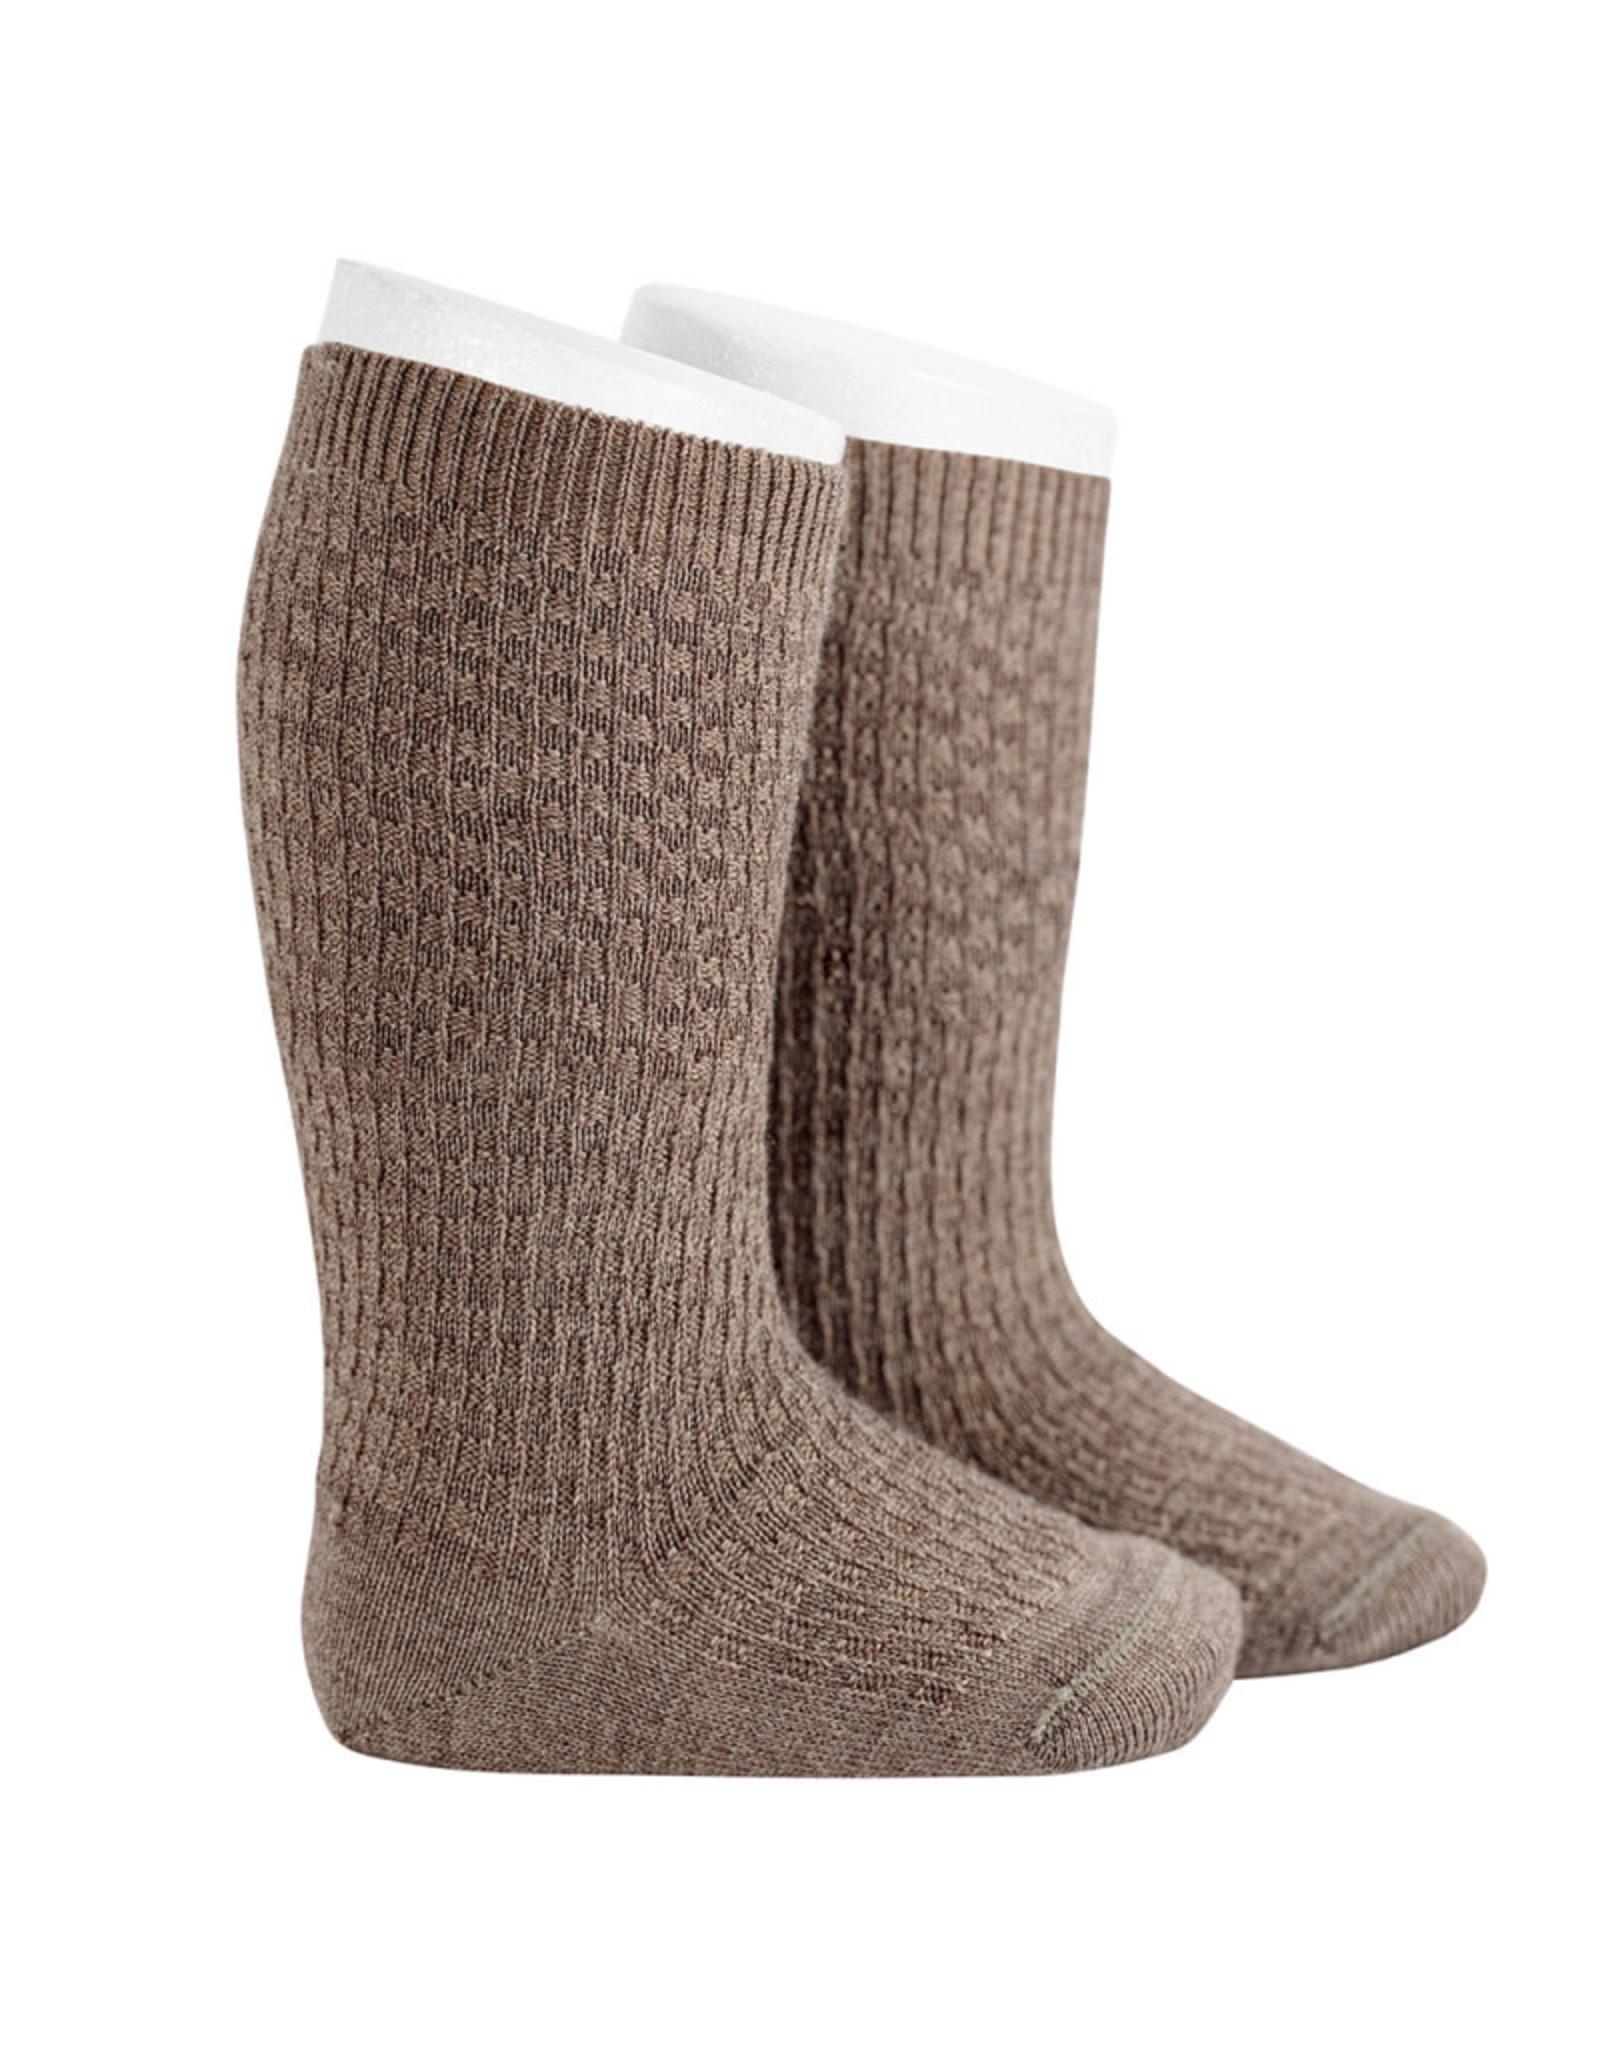 CONDOR Trunk Wool Patterned Knee Socks